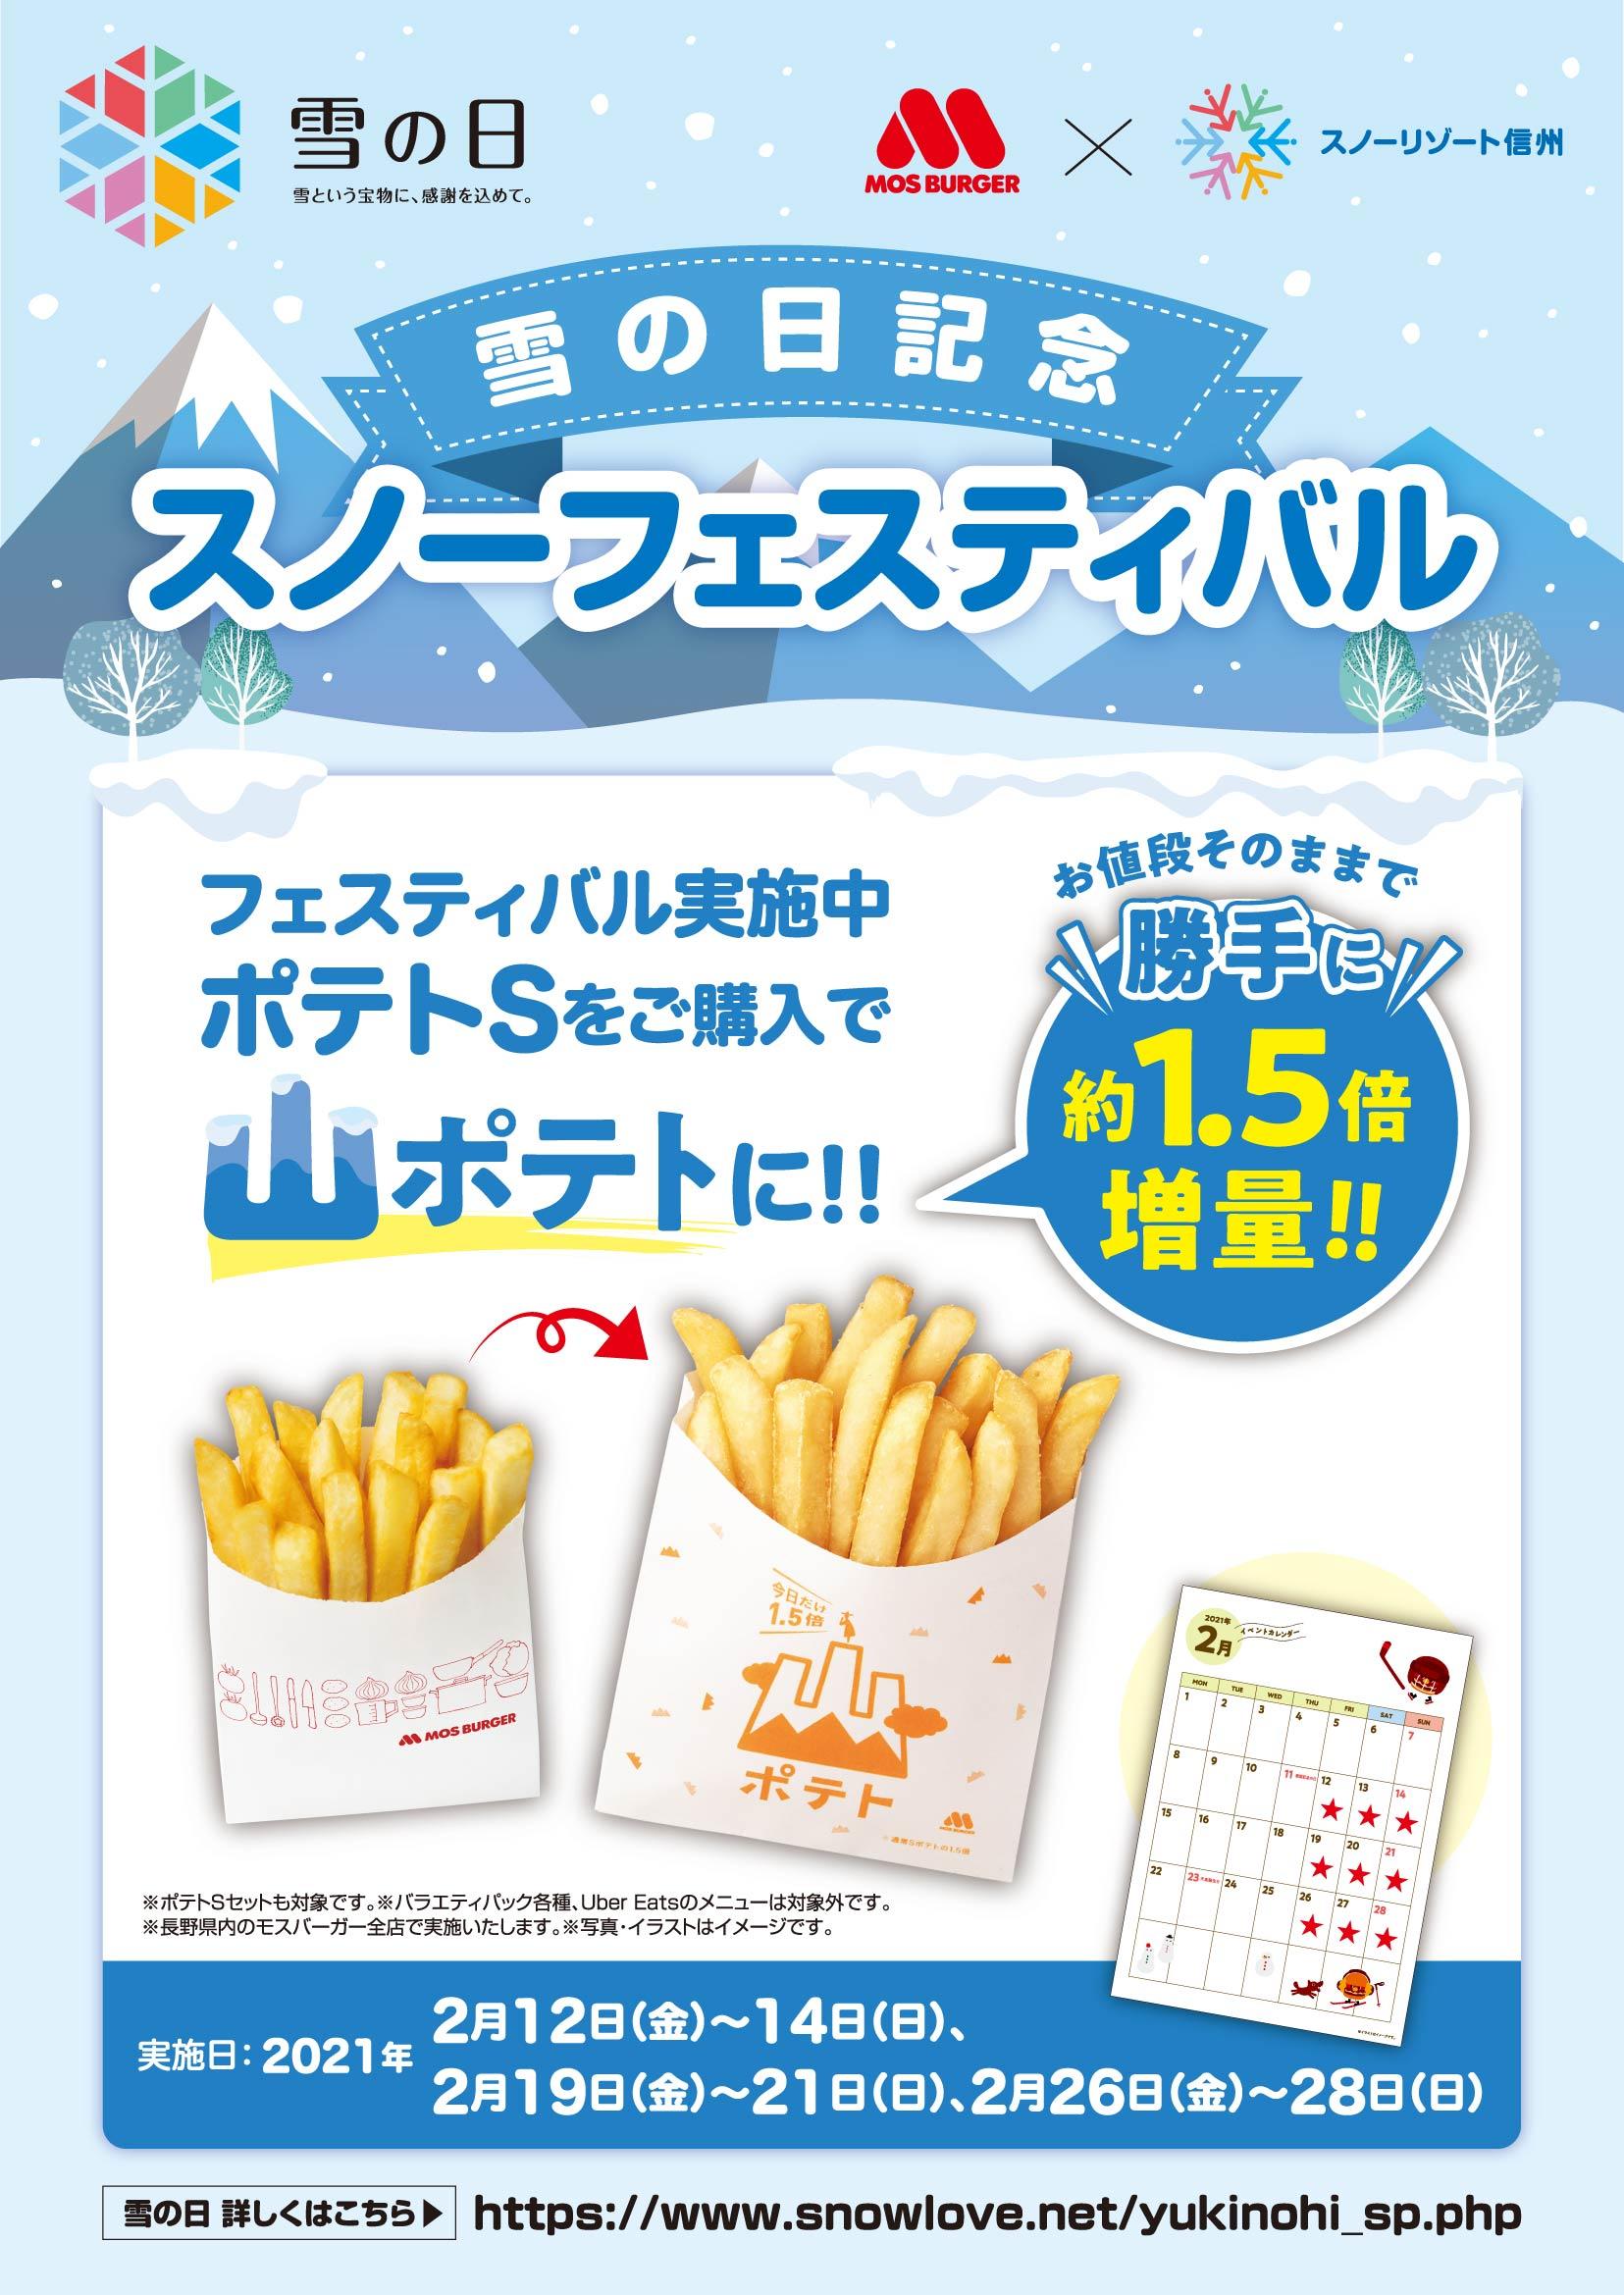 [モス|長野限定] 『雪の日』にあわせ ポテトS→無料で約1.5倍の「山ポテト」に!